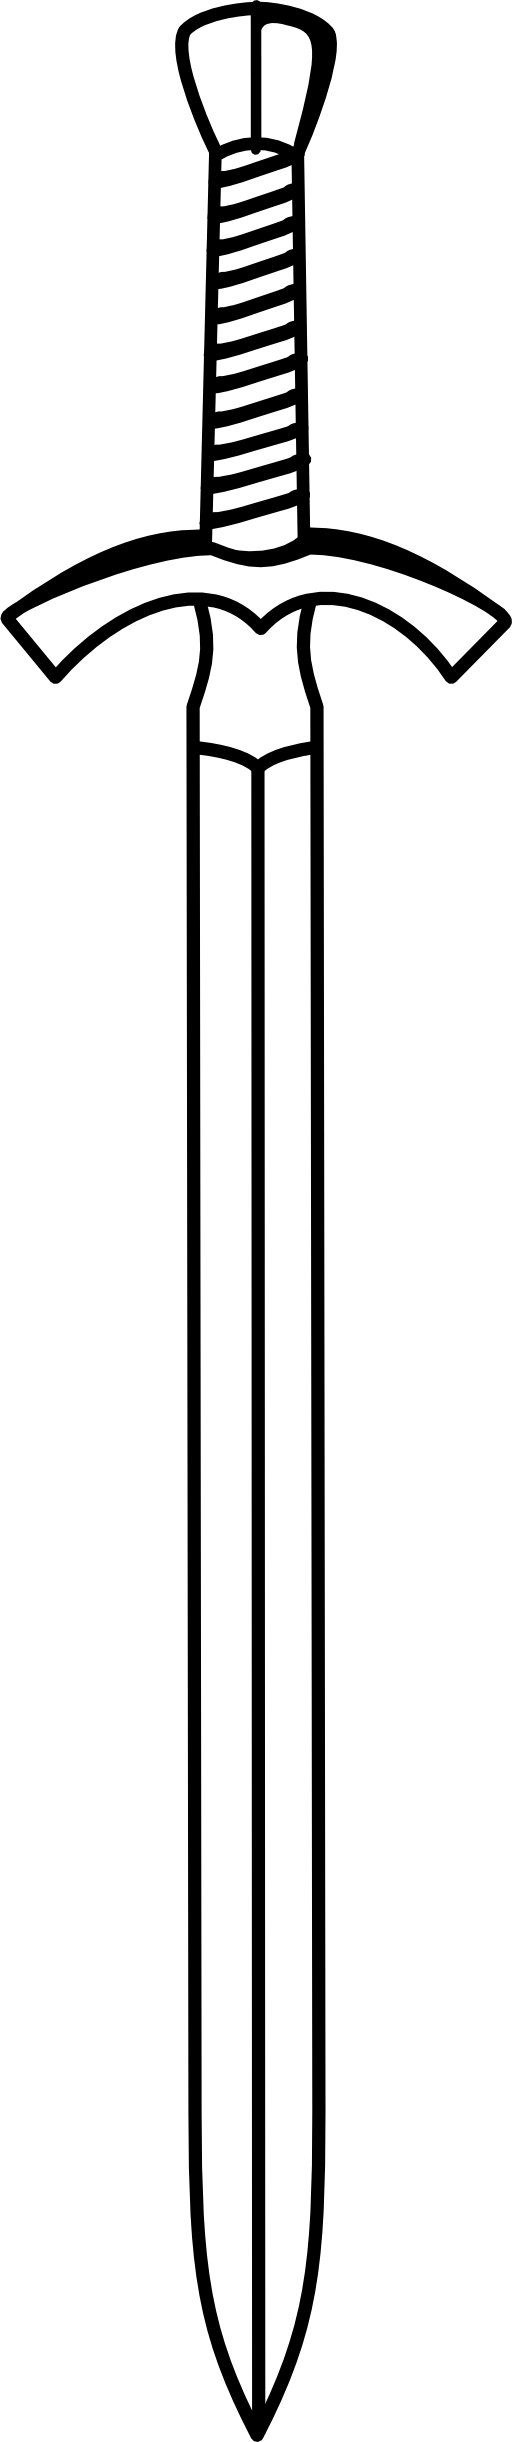 medium resolution of sword clip art free